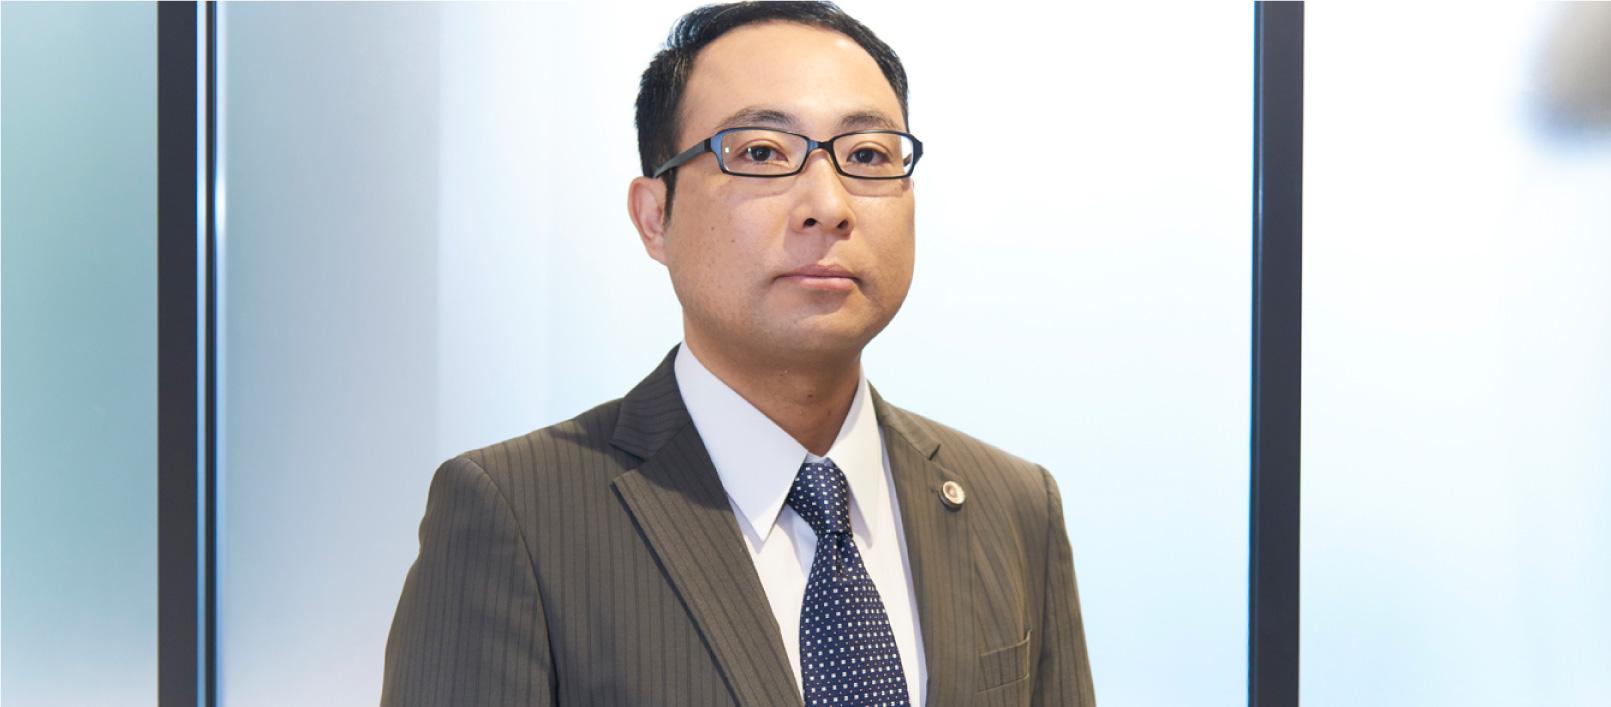 弁護士 塩谷 昌則